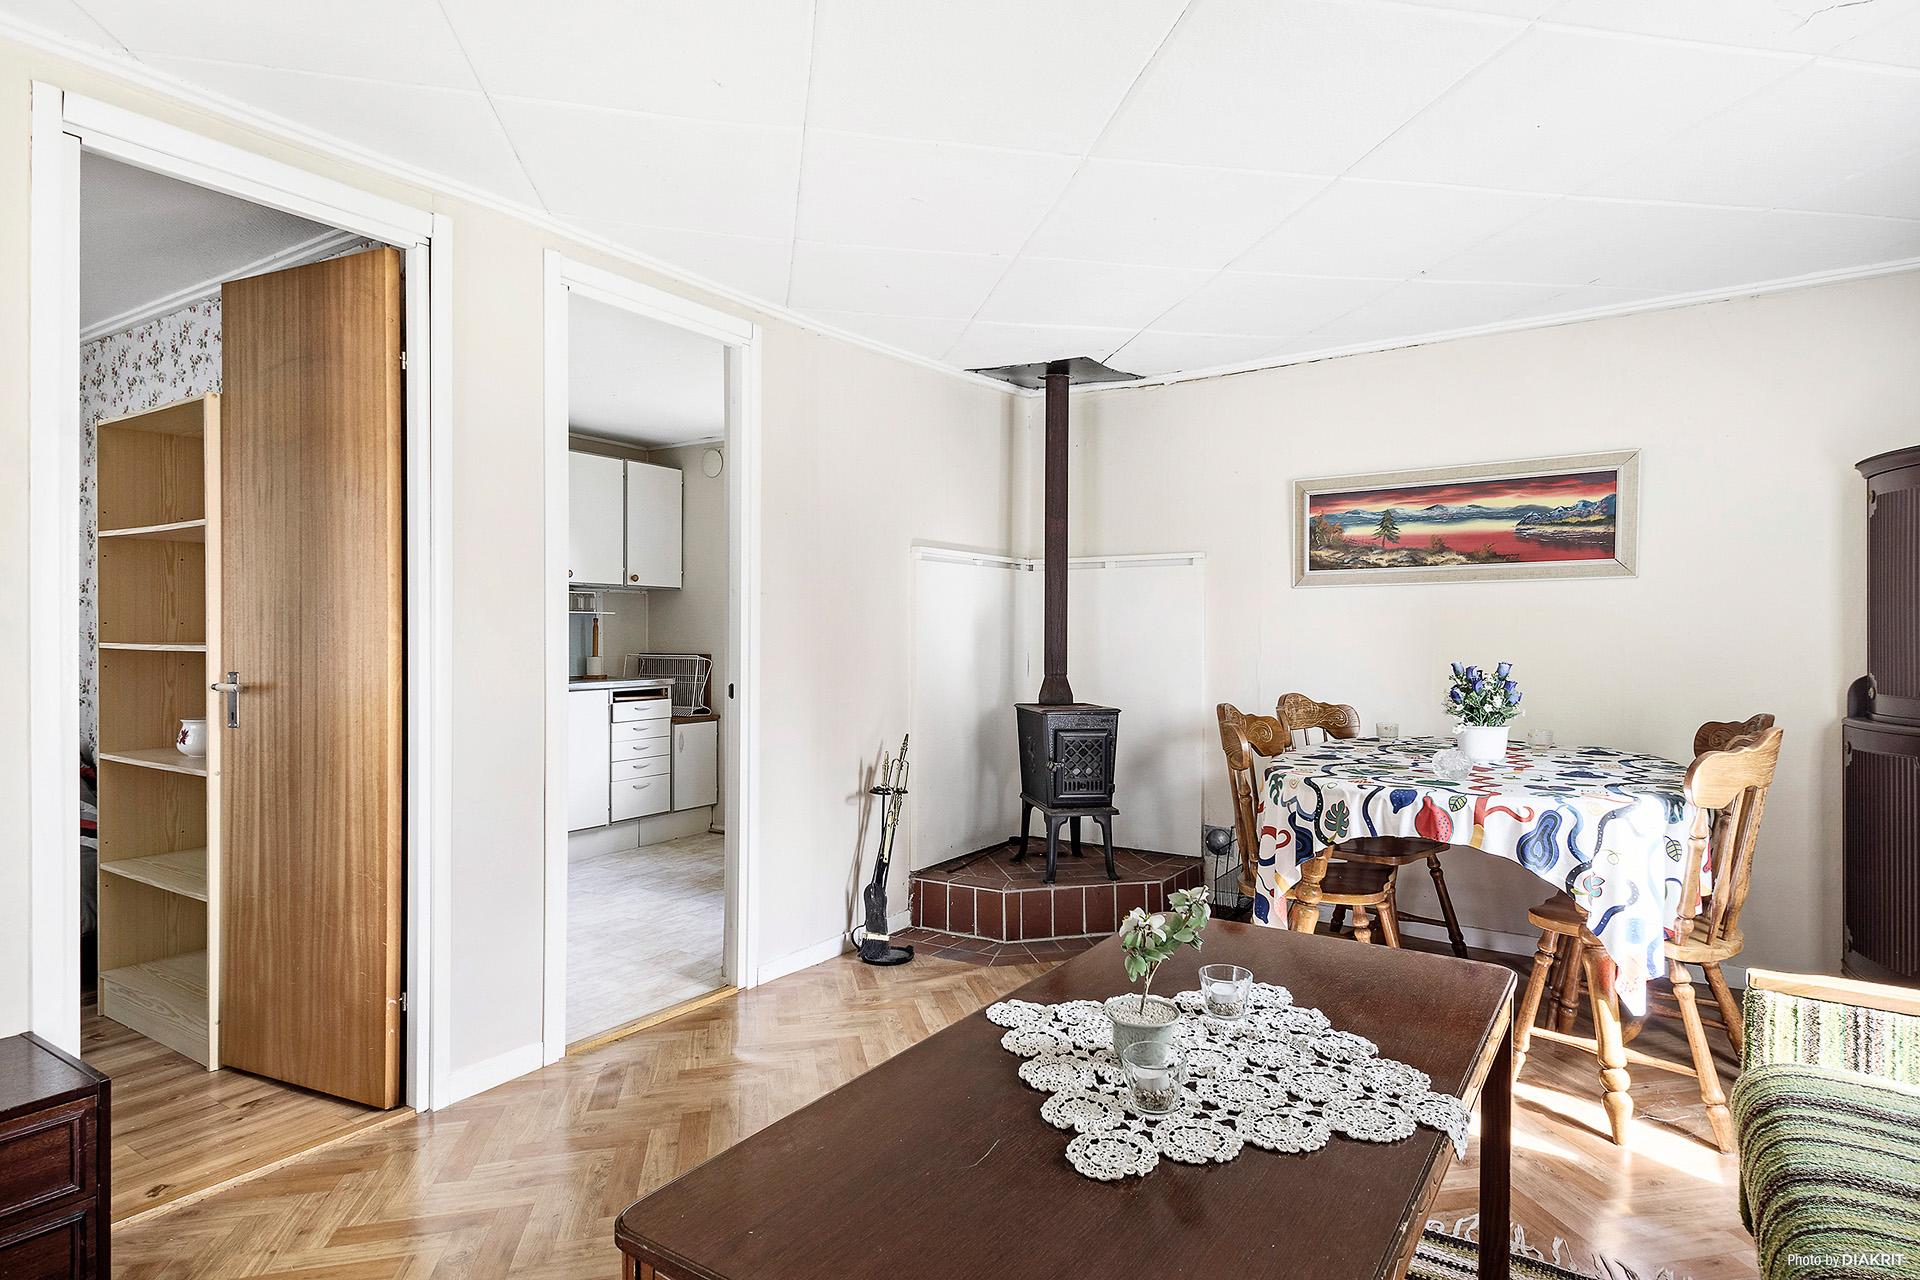 Vardagsrum/allrum i anslutning till kök och sovrum